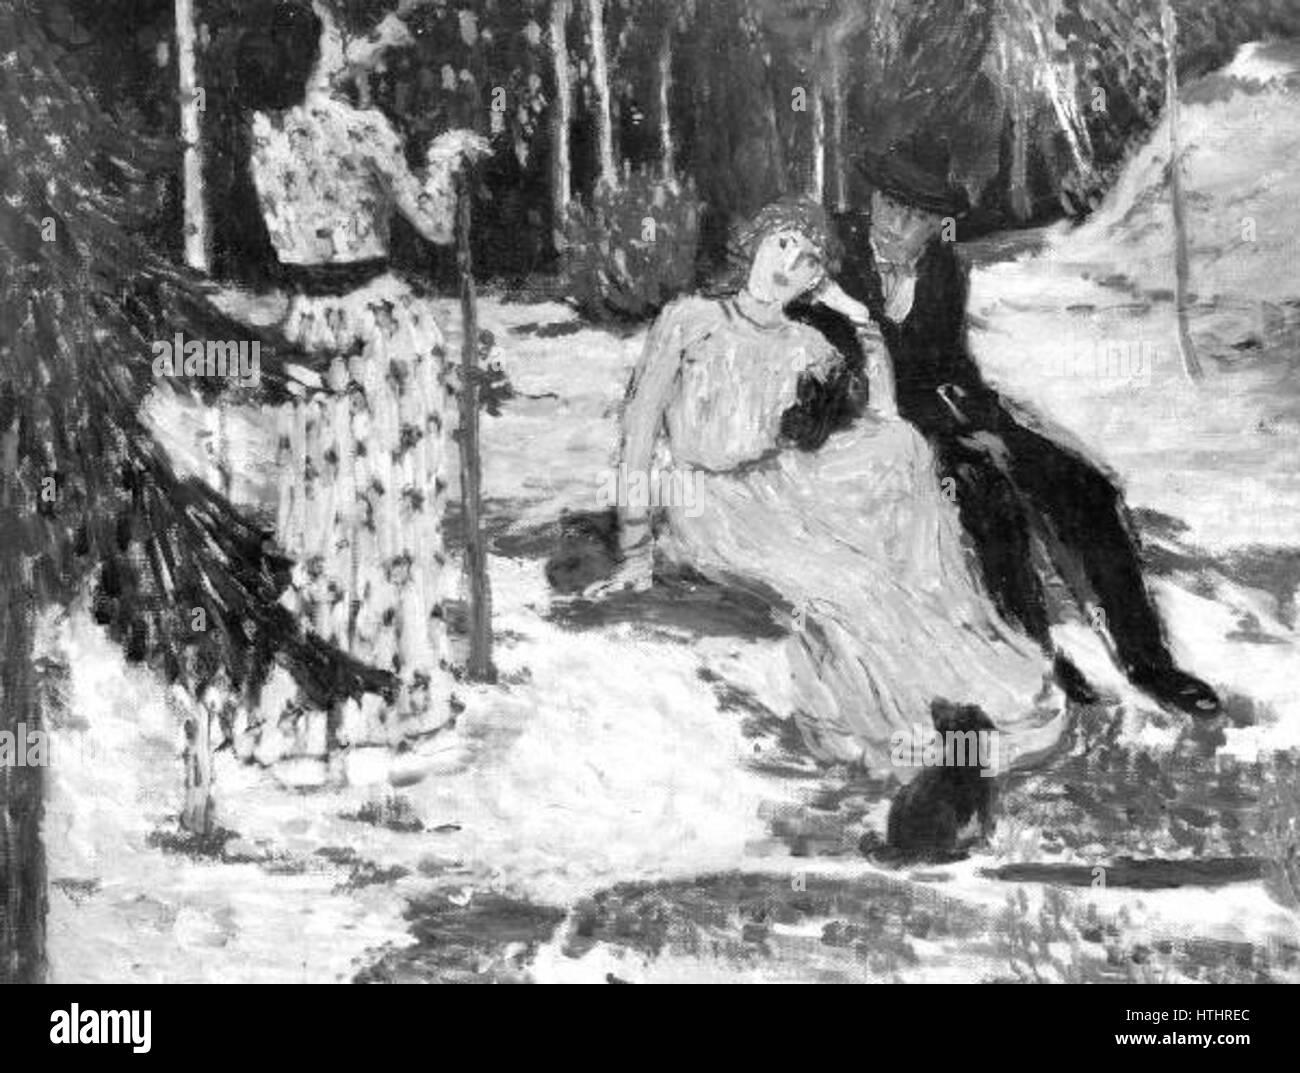 Jan Preisler 17. 2. 1872-27. 4. 1918 - Milenci, studie - Stock Image